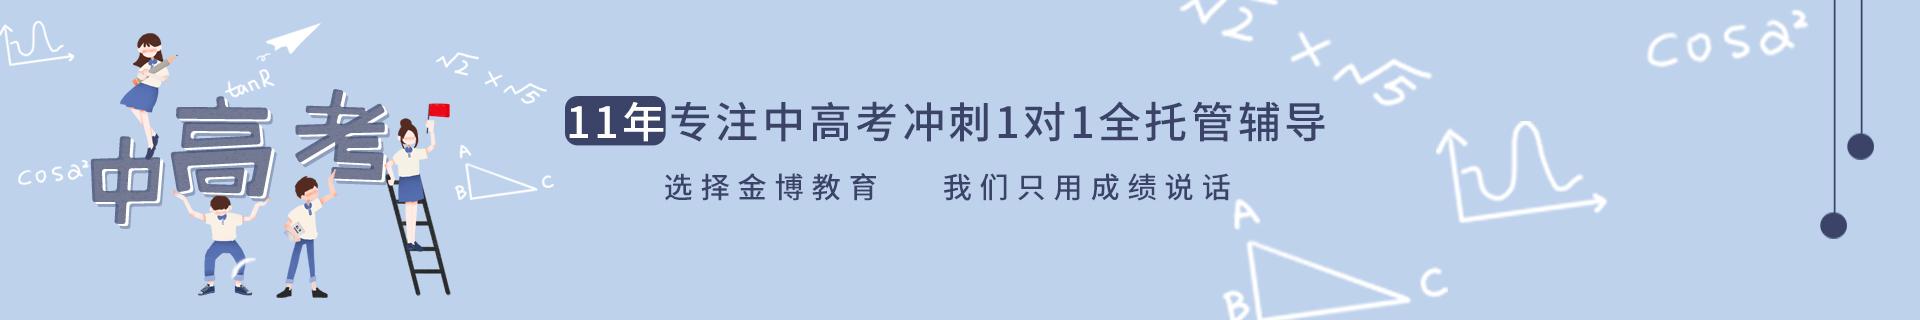 惠州惠城区惠泽大道金博教育机构